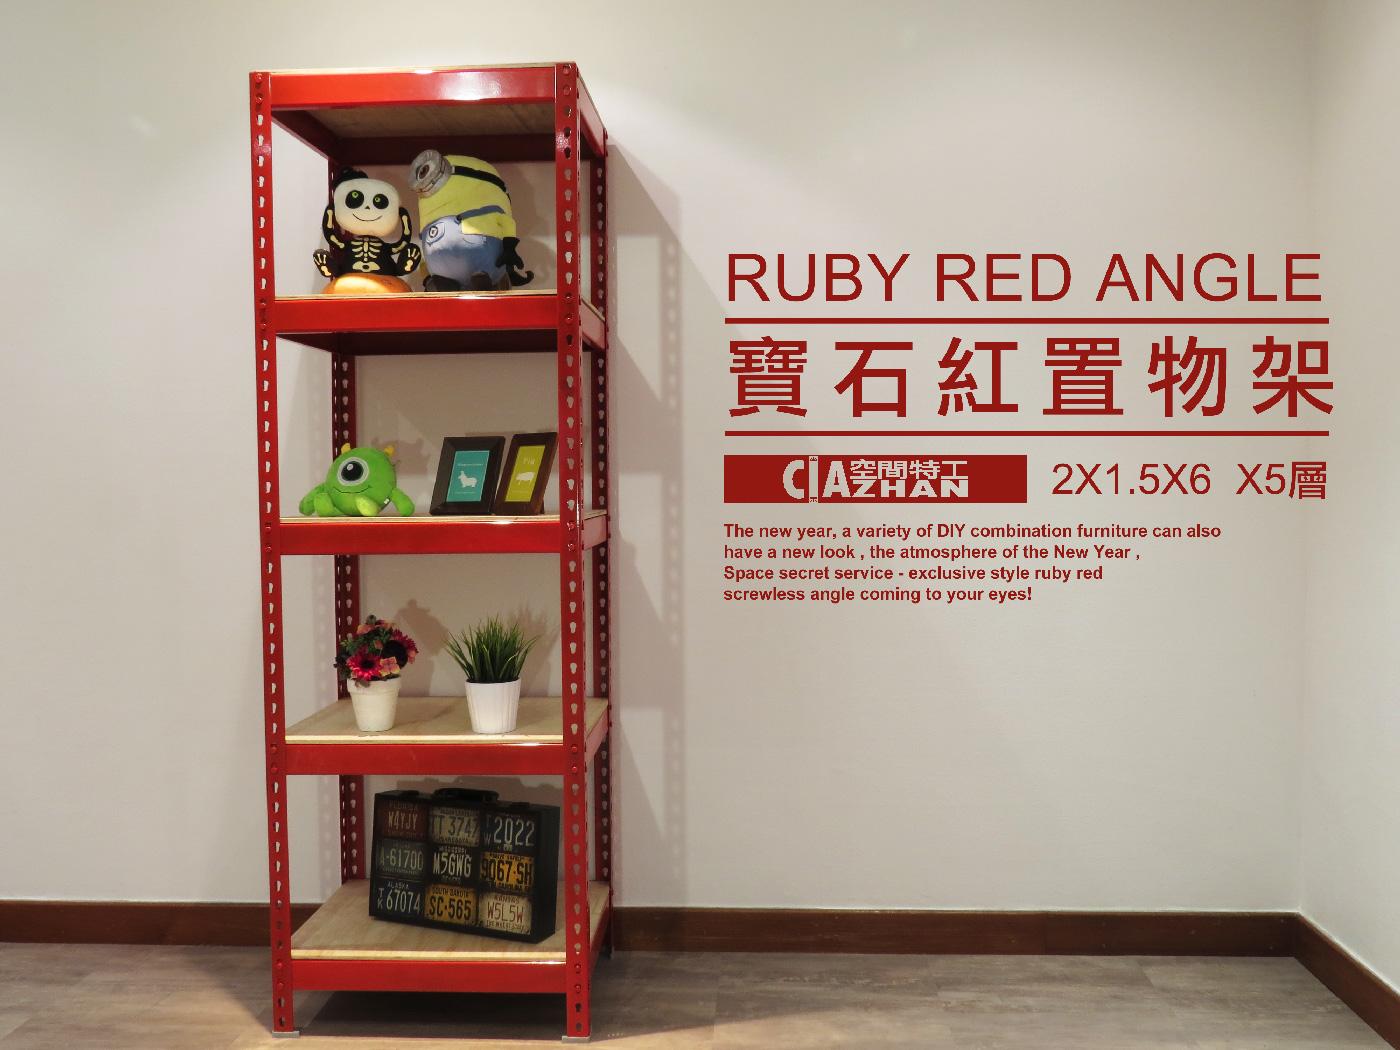 收納櫃♞空間特工♞寶石紅置物架 書架 鞋櫃 (長2尺x深1.5尺x5層,高6尺 )書櫃 電視櫃 多功能組合架